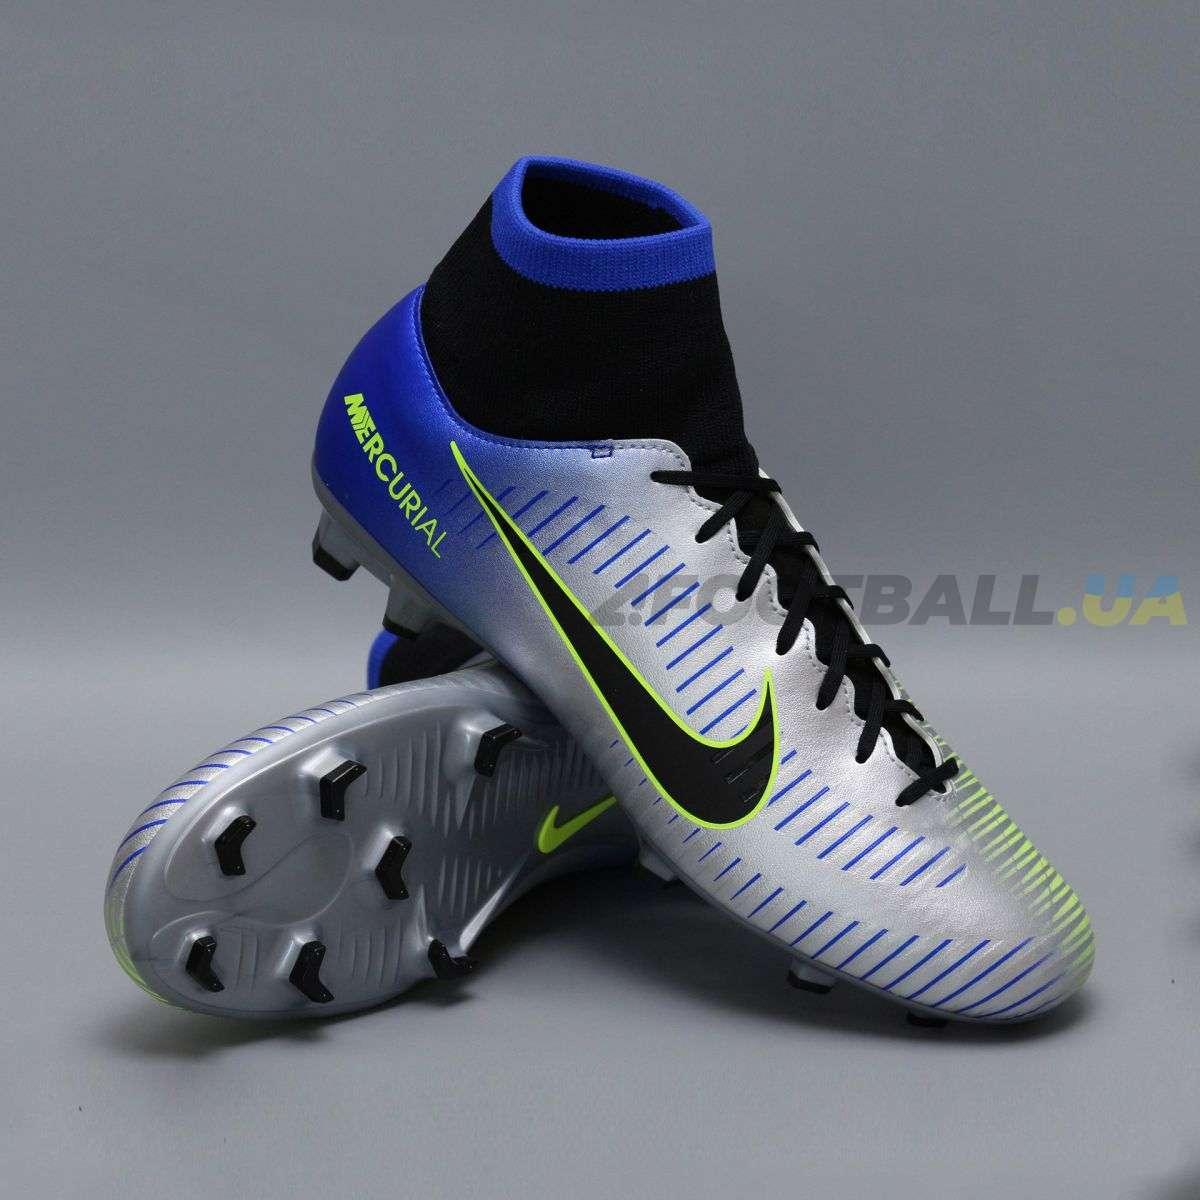 864ddf221eac8c Бутсы с носком nike mercurial victory NEYMAR-R9 921506-407 Chrome|Blue ...